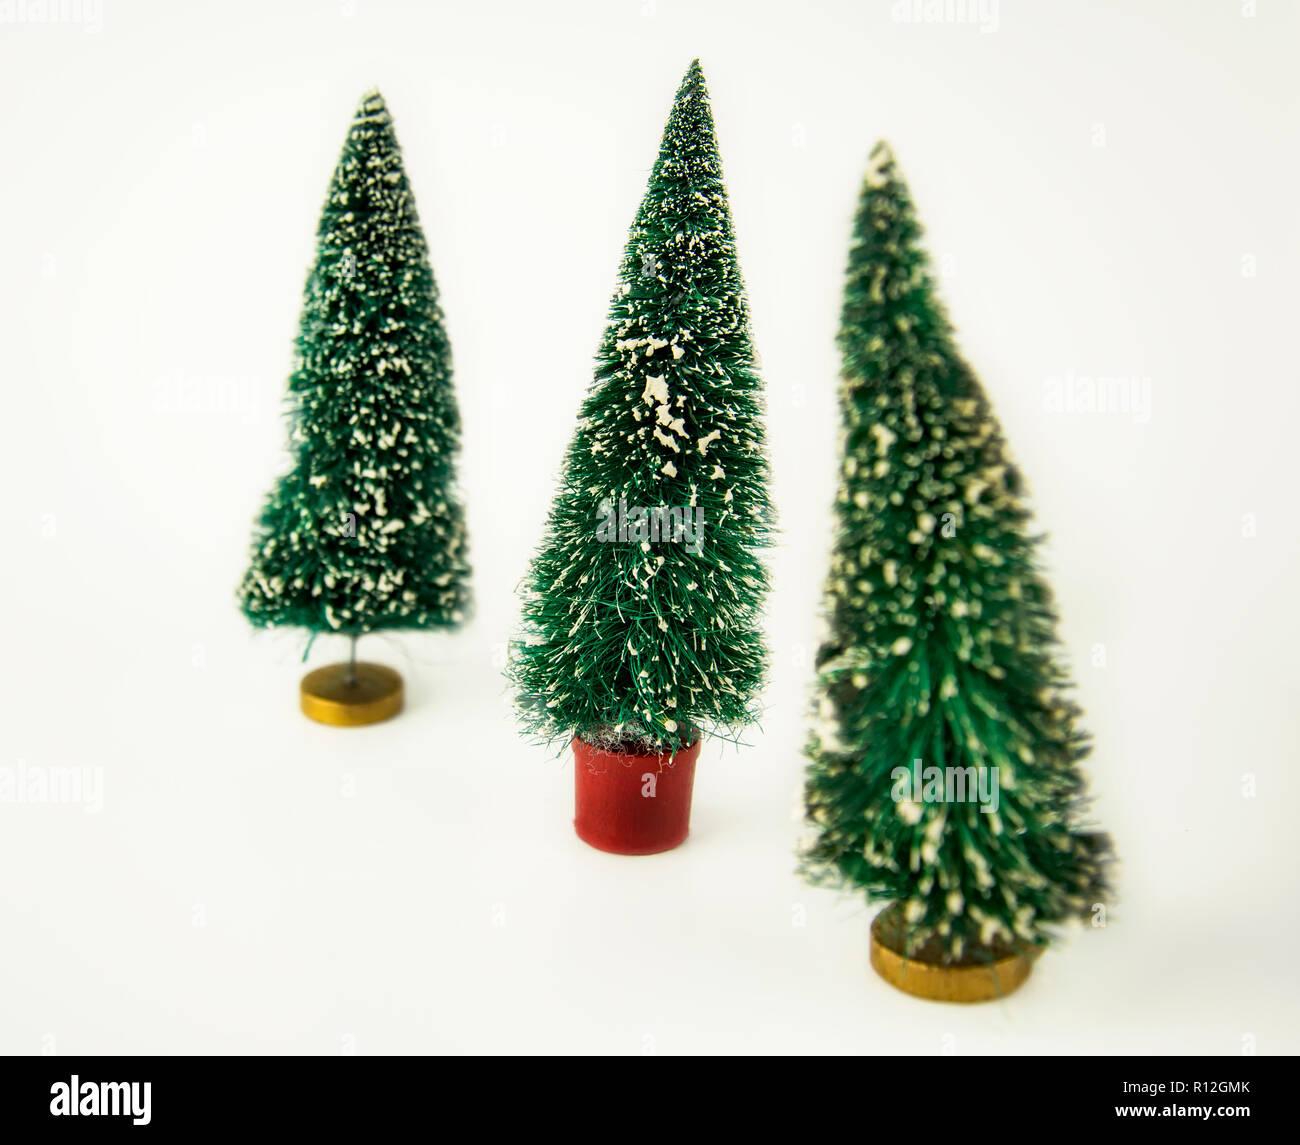 Weihnachtsbaum Plastik Weiß.Plastikweihnachtsbaum Stockfotos Plastikweihnachtsbaum Bilder Alamy